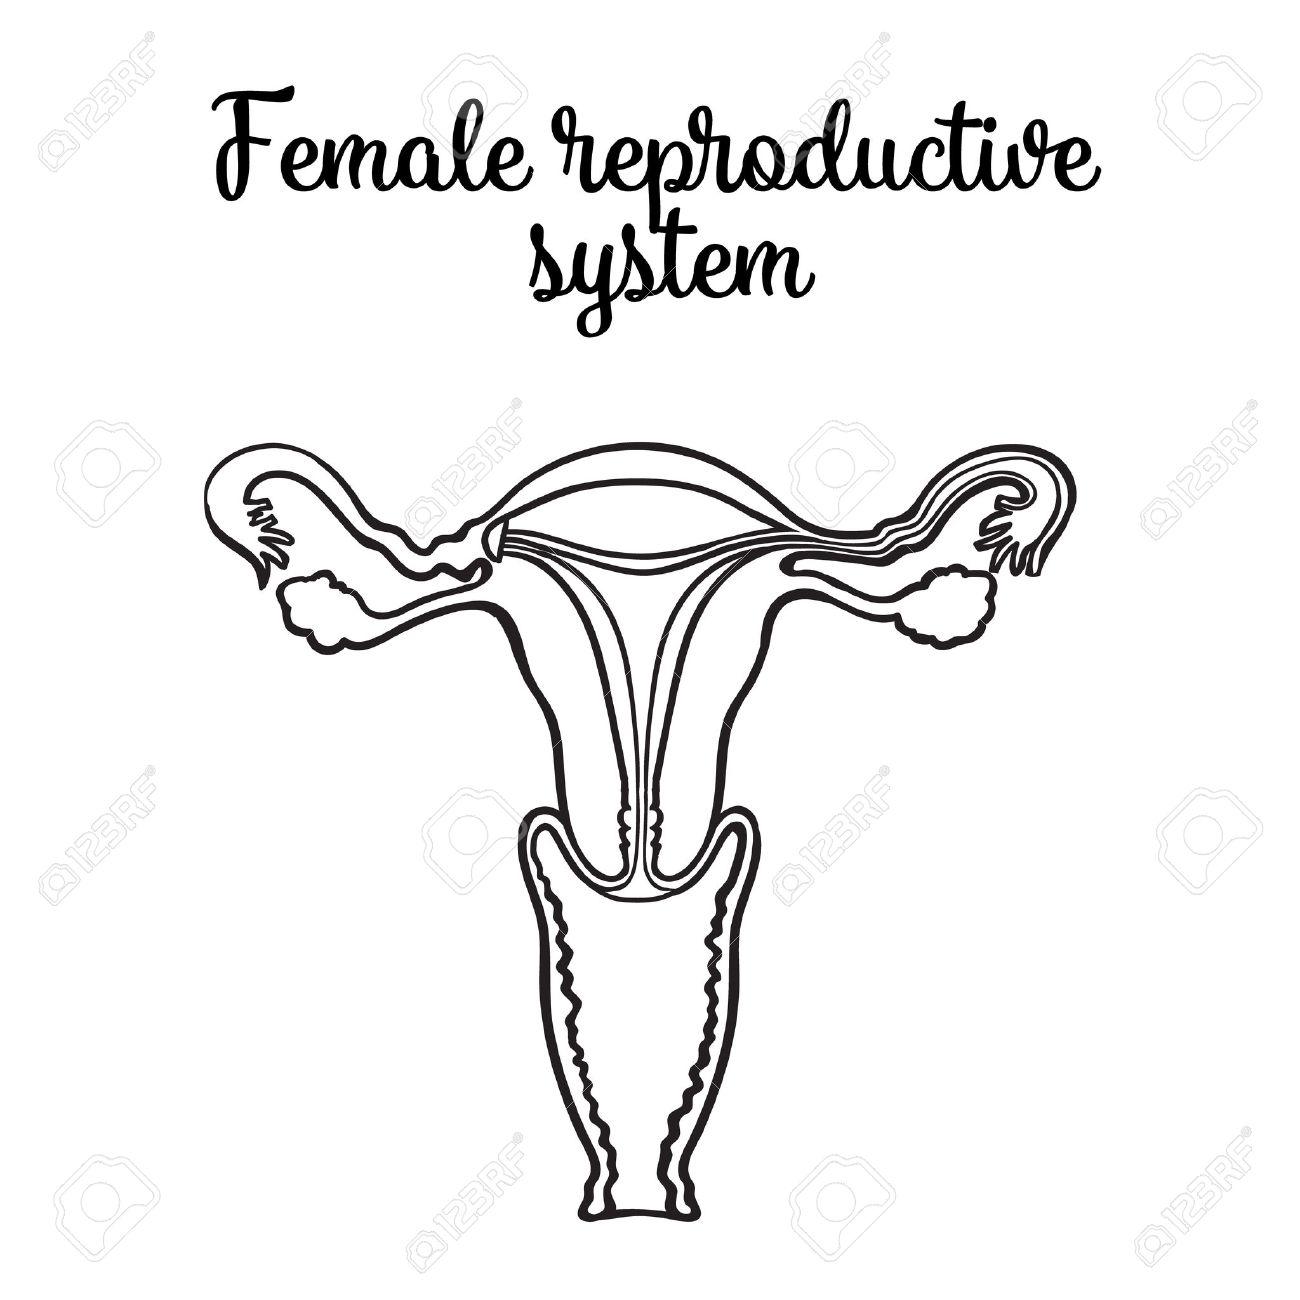 Weiblichen Fortpflanzungssystems, Vektor-Schaltung Skizze Von Hand ...